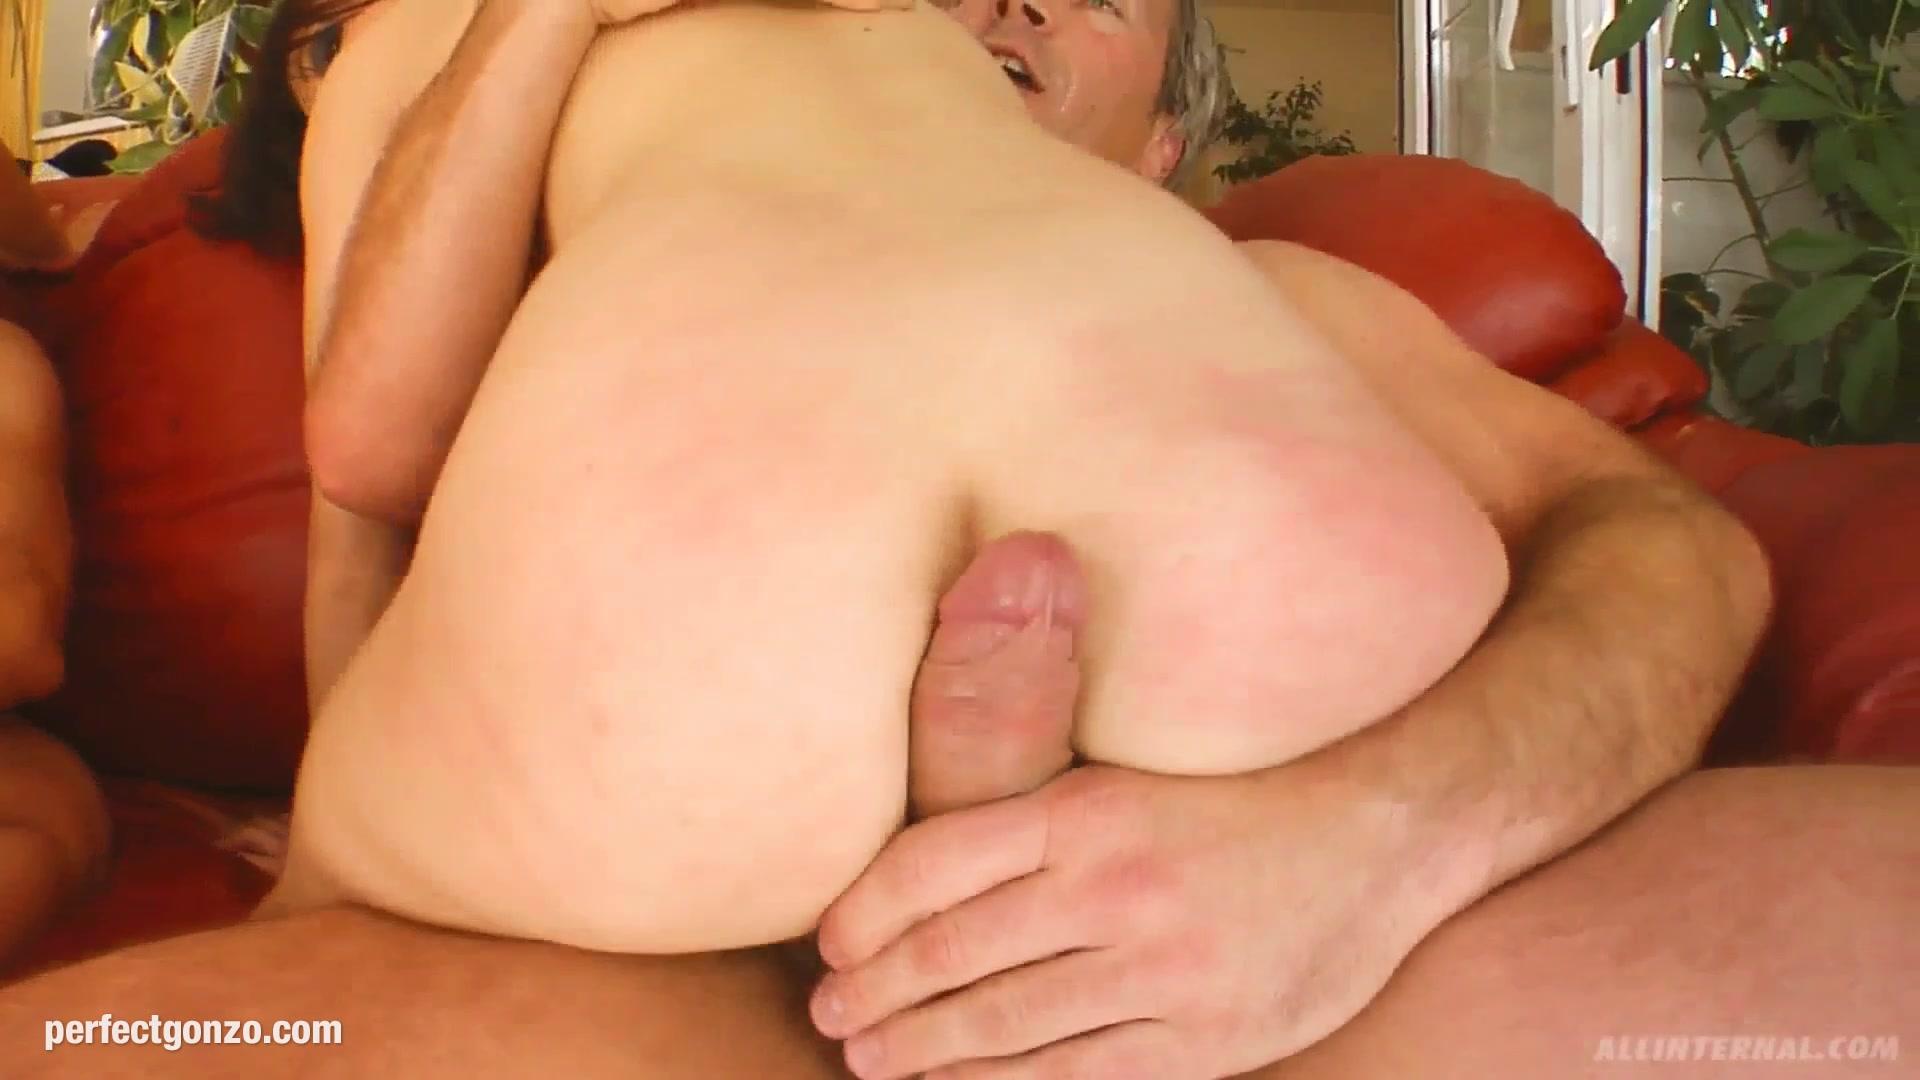 Porn Base Personal lesbian web site